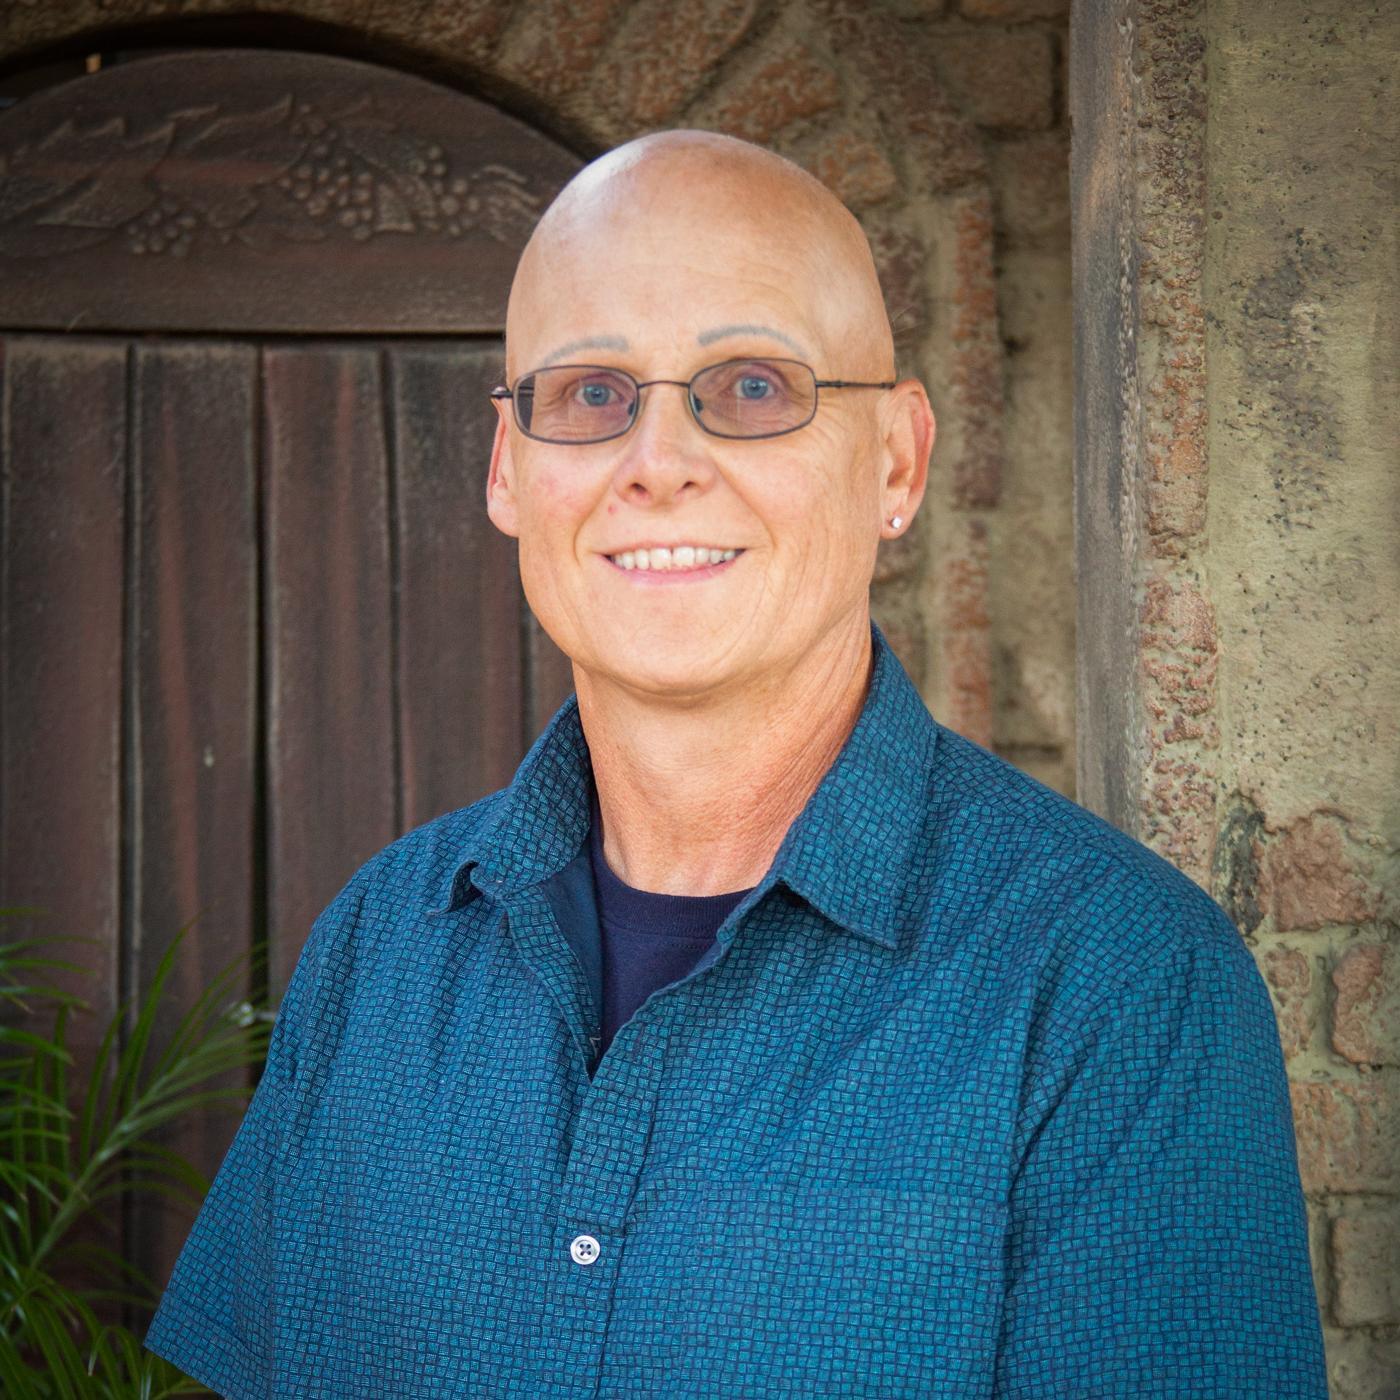 Dave Hillestad's Profile Photo